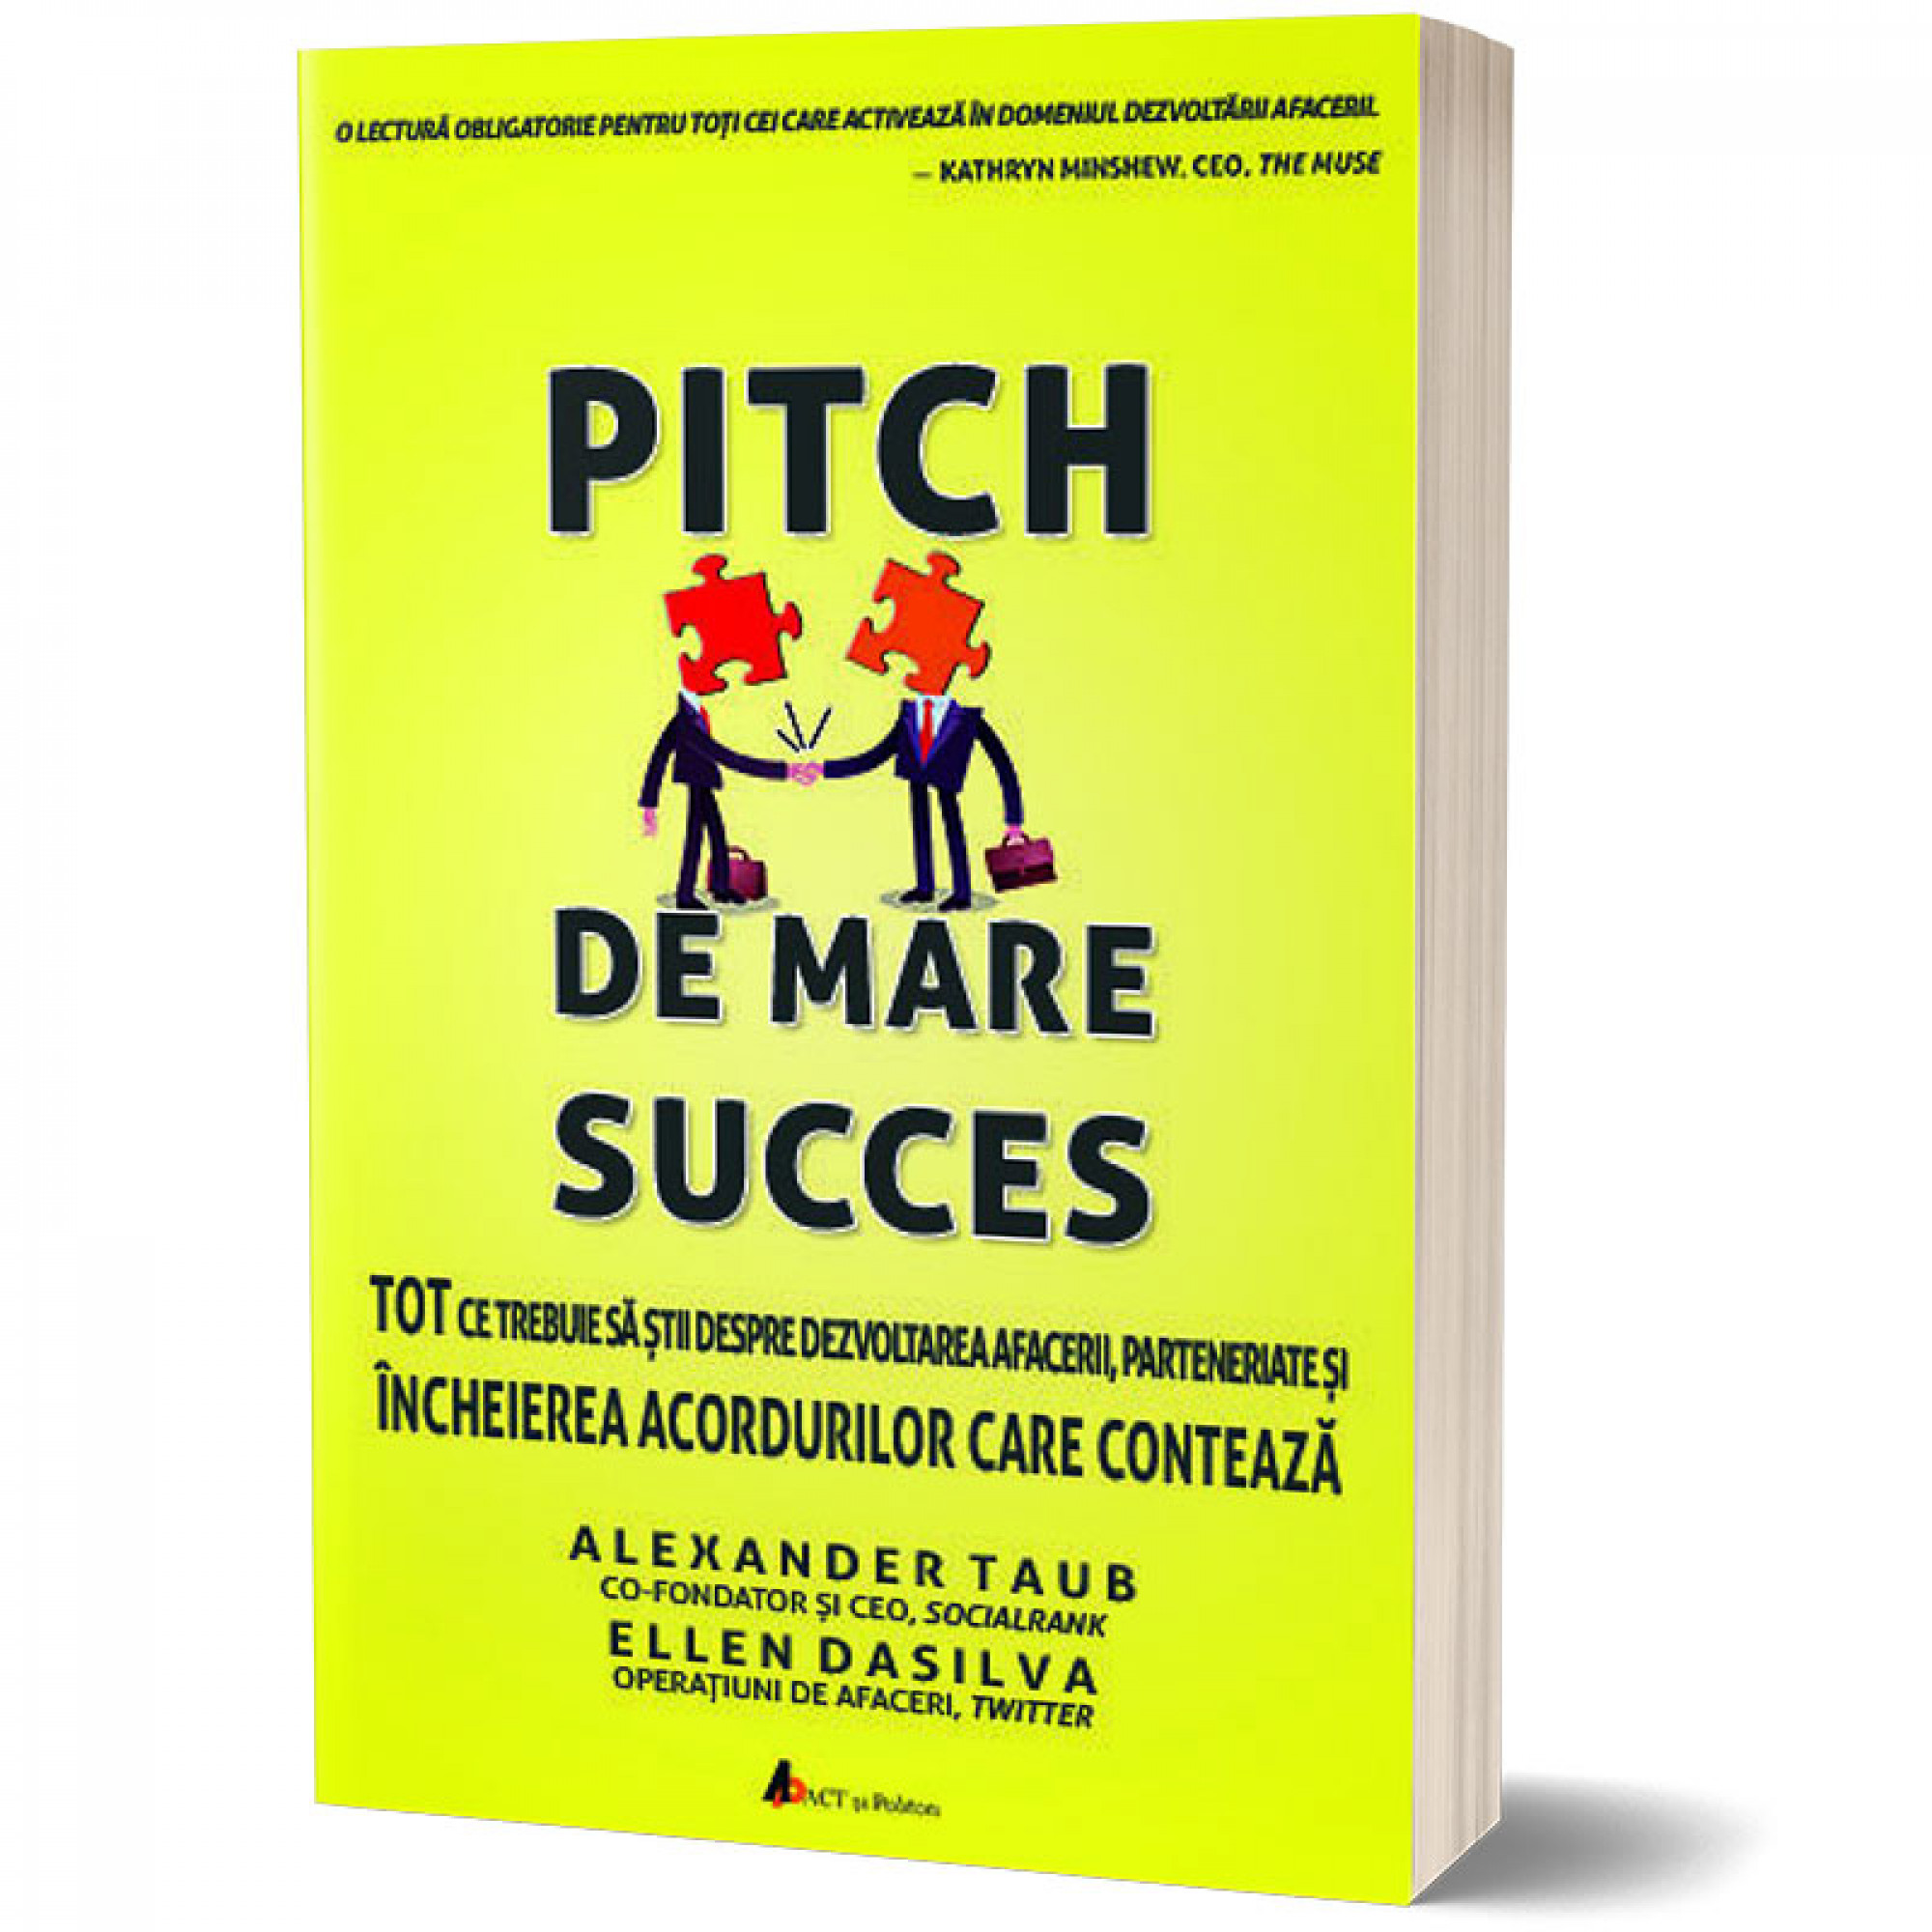 Pitch de mare succes - Tot ce trebuie să știi despre dezvoltarea afacerii, încheierea acordurilor; Alex Taub;Ellen DaSilva